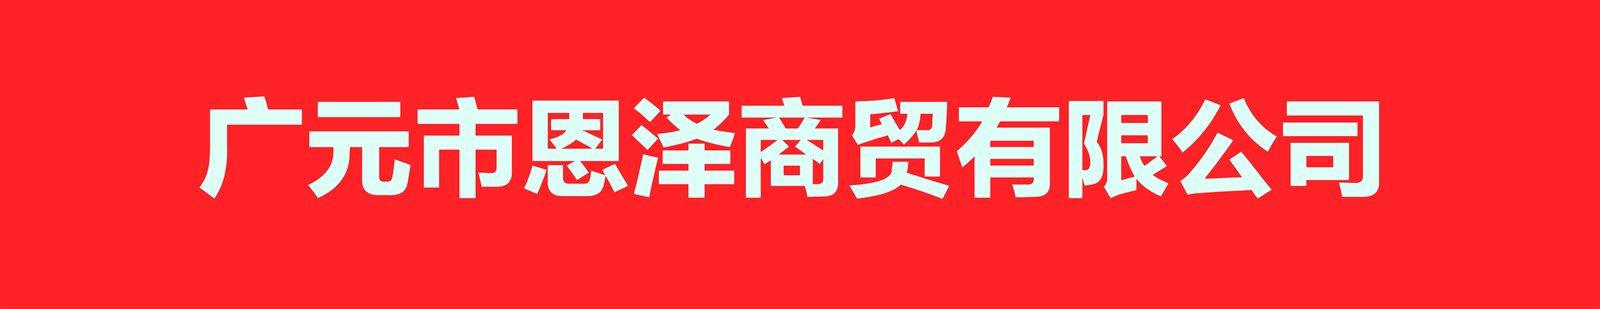 广元市恩泽商贸有限公司